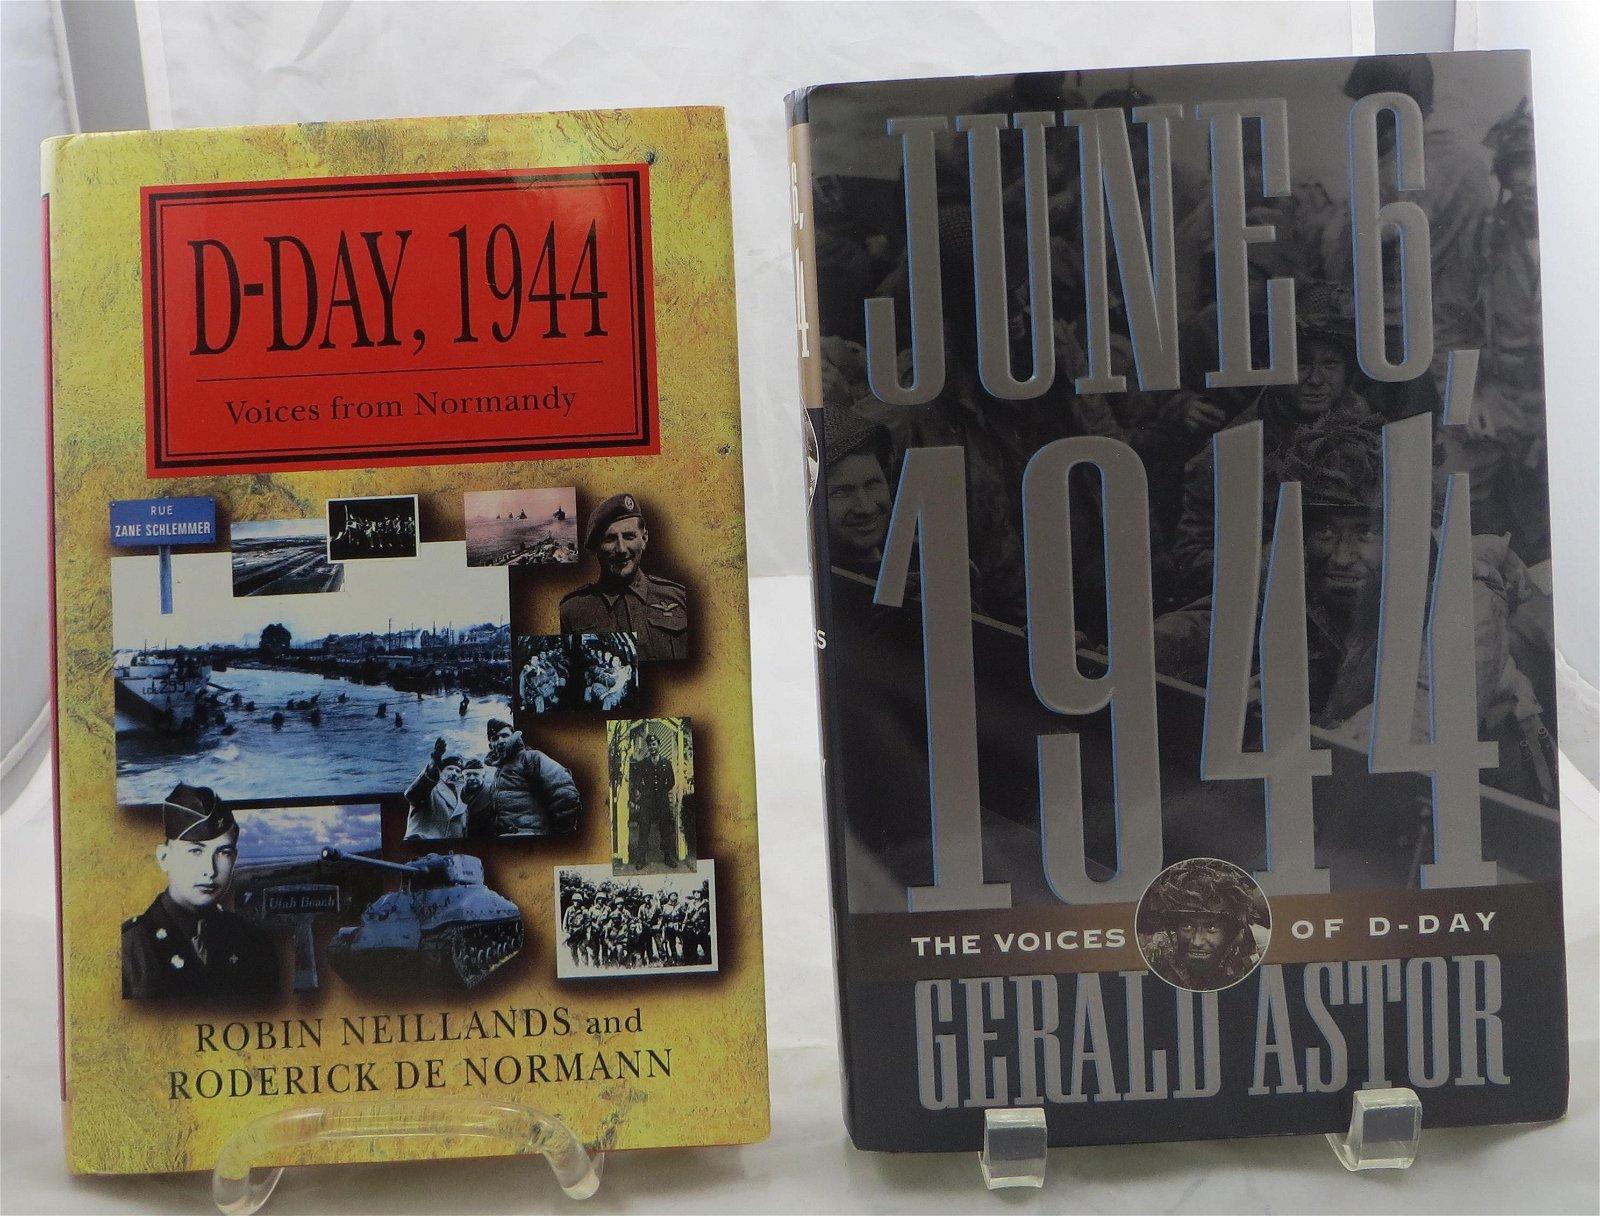 (2) WW2 BOOKS - D-DAY THEME, NEILLANDS / de NORMANN and